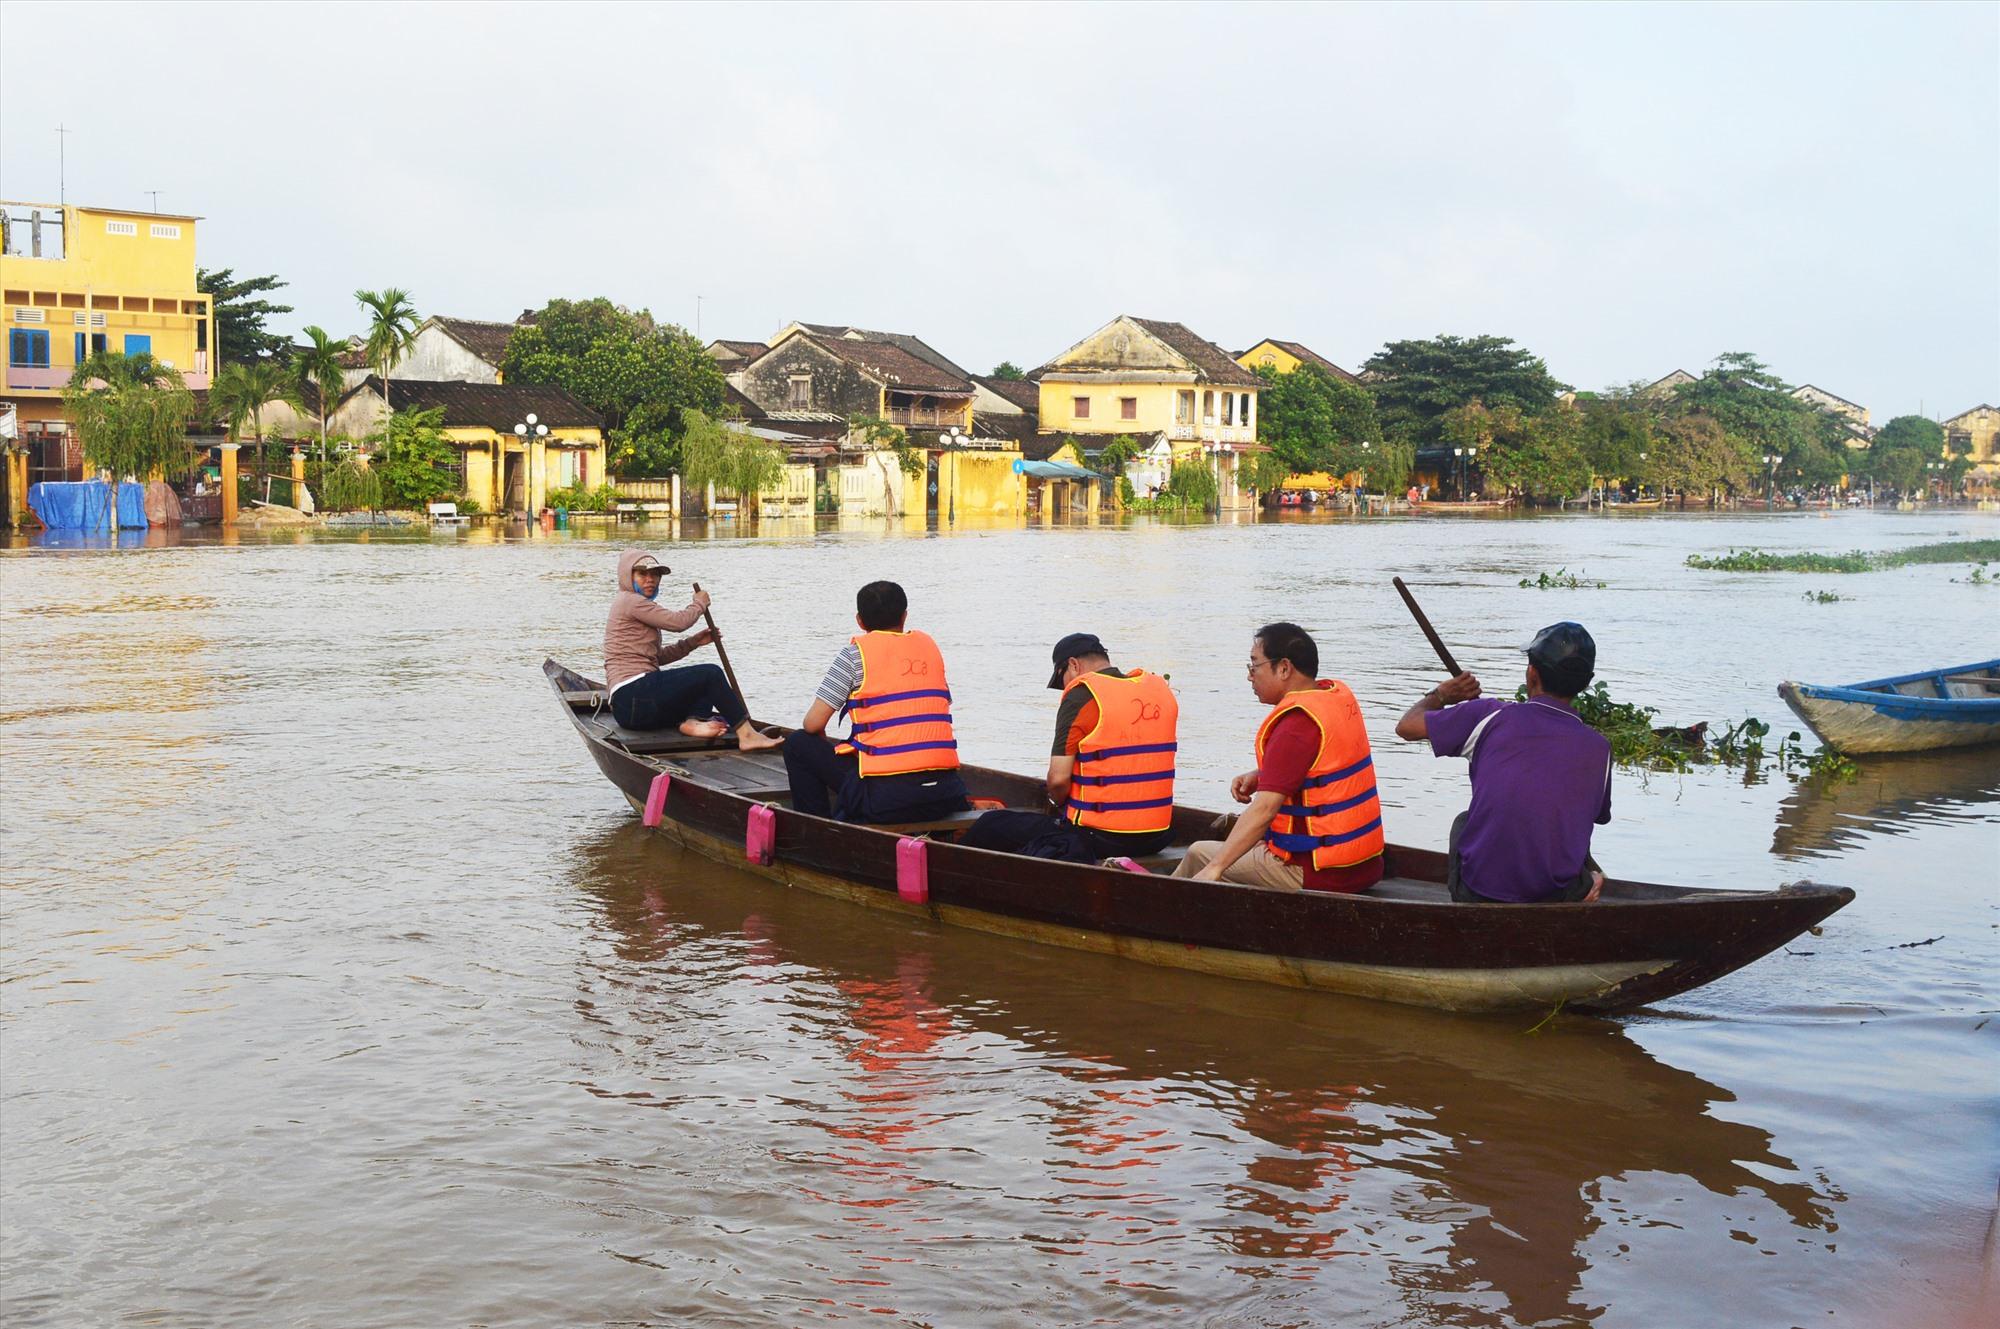 Đưa khách tham quan lụt trong phố cổ giúp một số hộ dân có thêm thu nhập trong bối cảnh khó khăn hiện nay. Ảnh: H.S